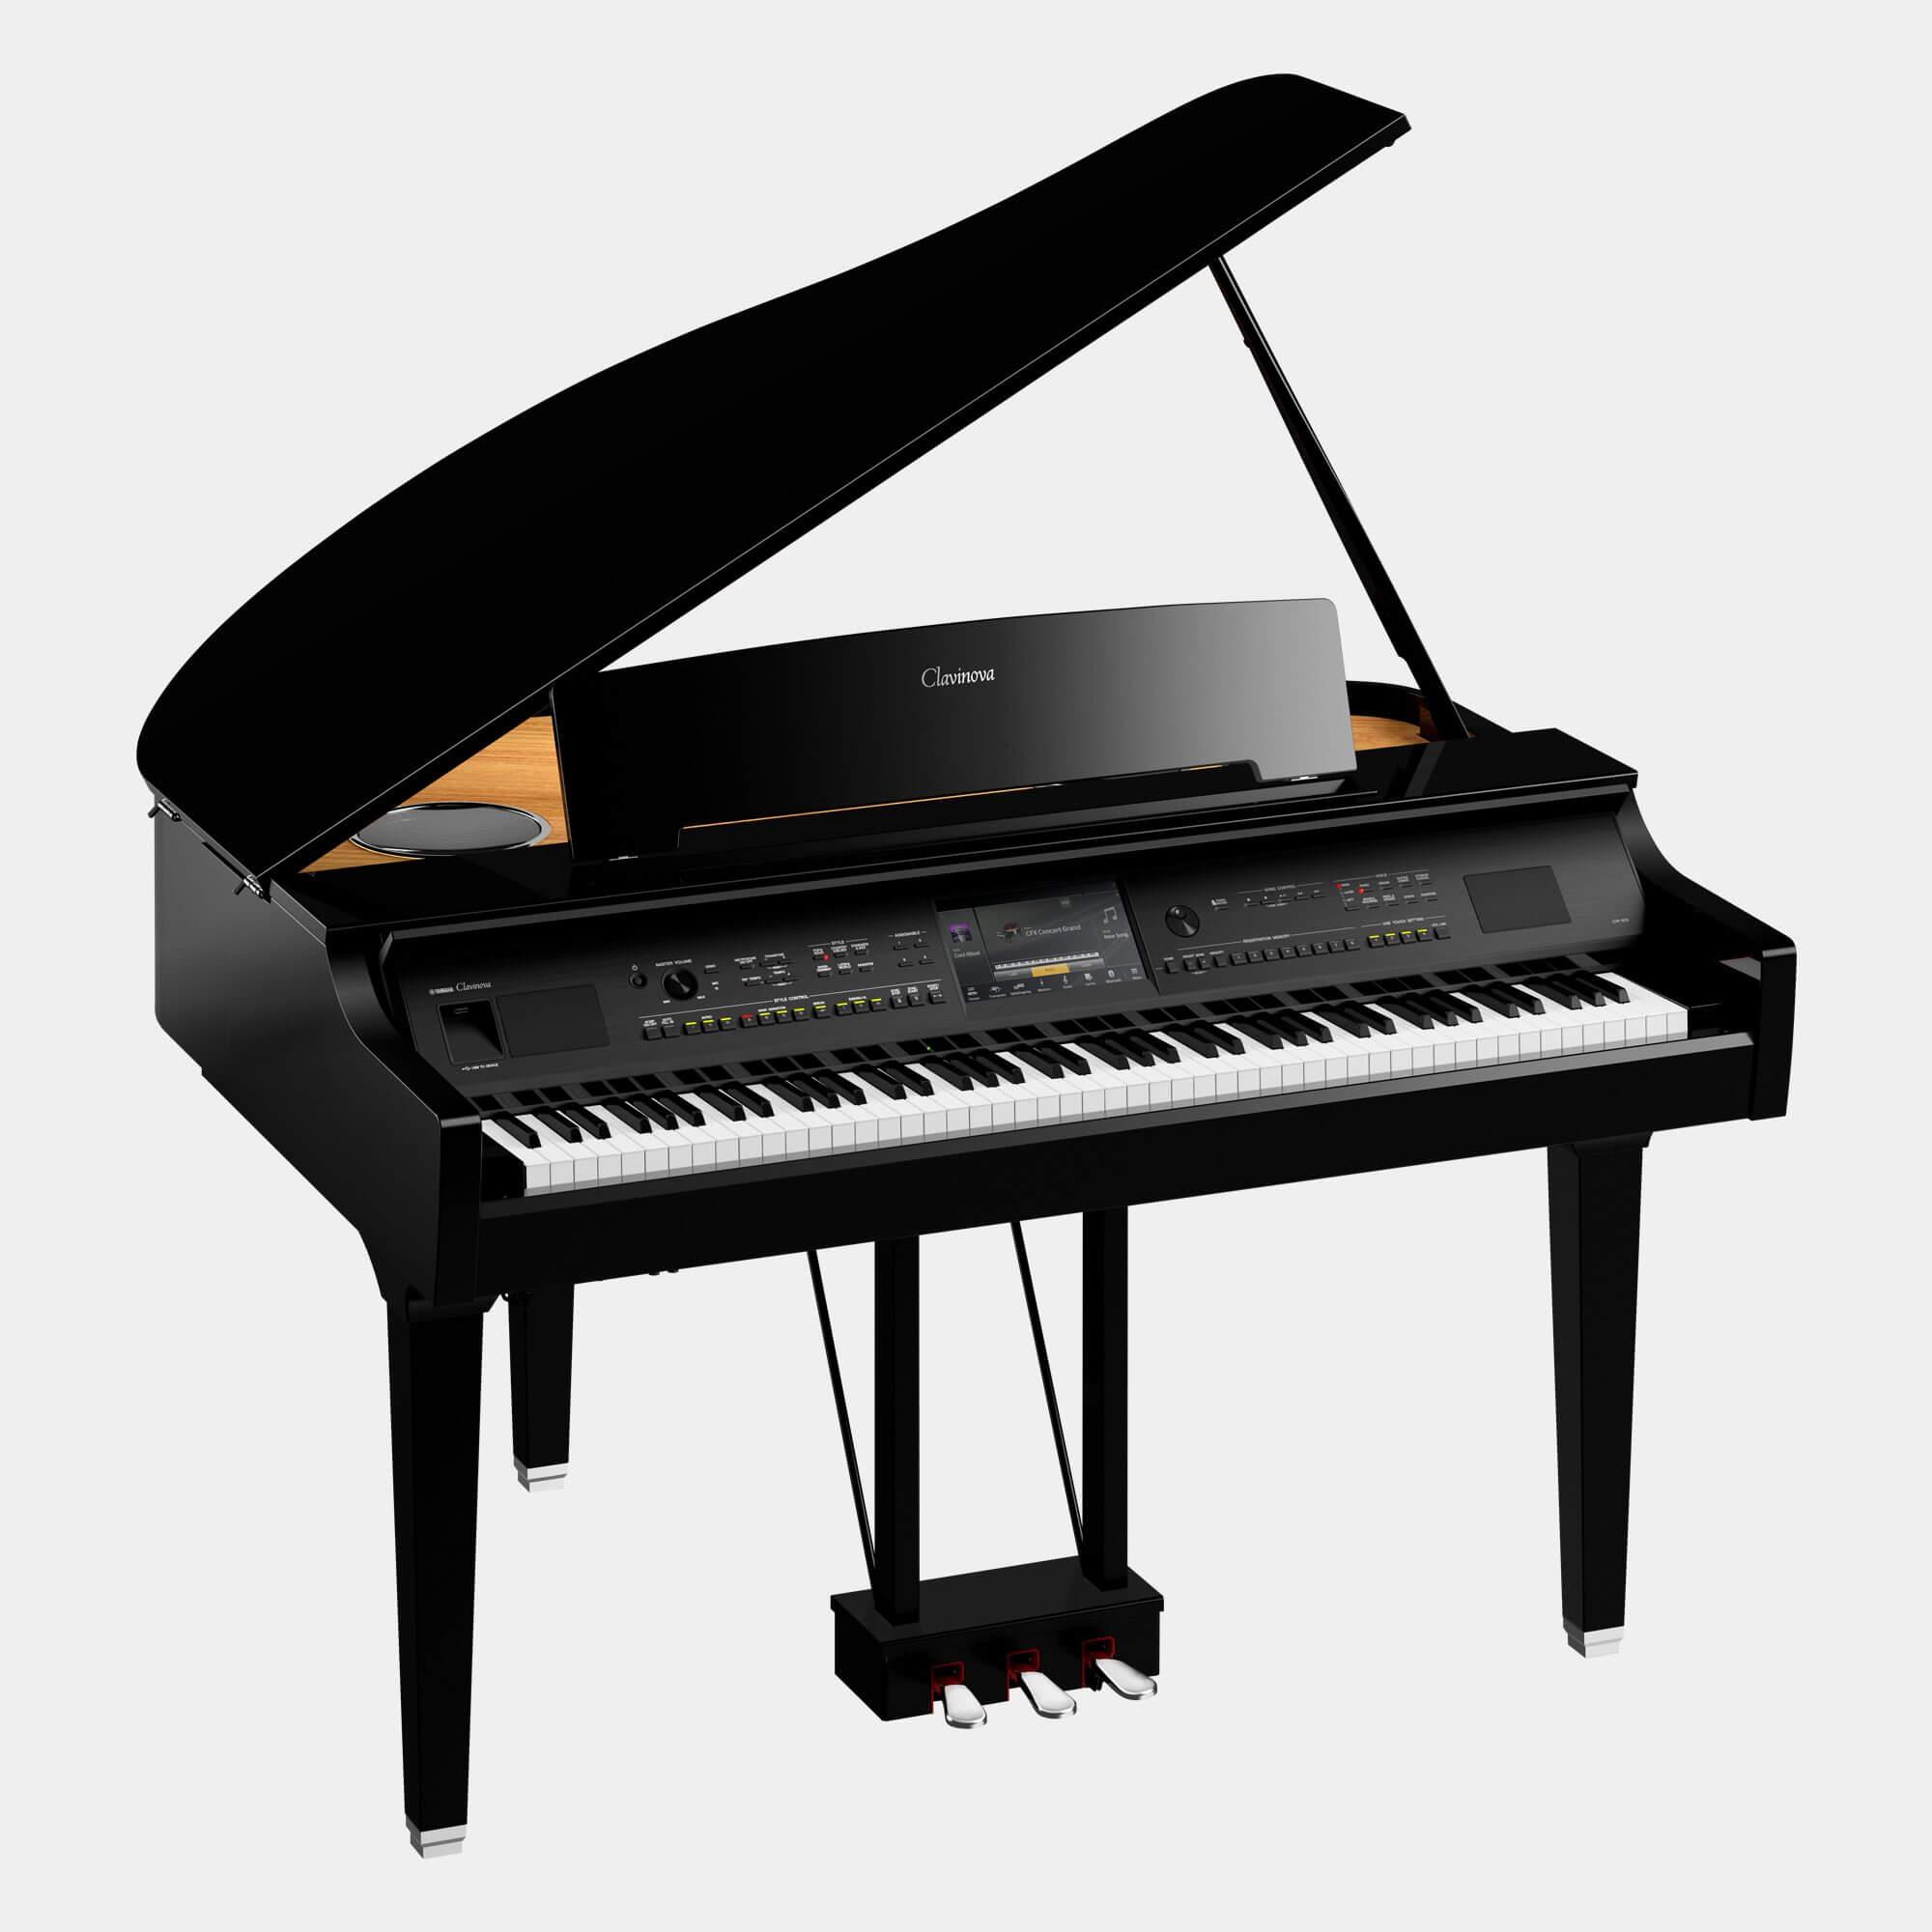 Pack Piano Digital Yamaha CVP-809GP con banqueta y auriculares